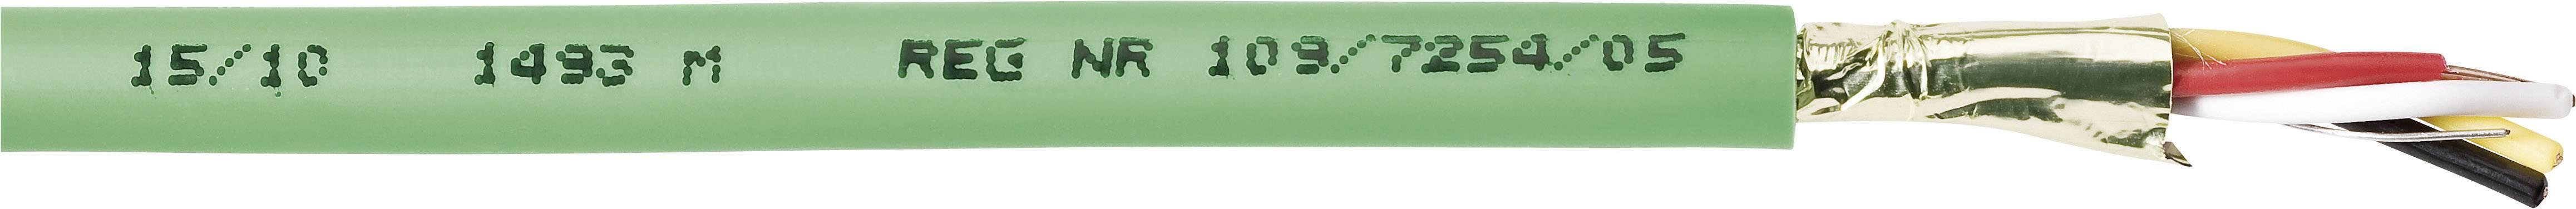 Sběrnicový kabel Belden YE00906.00500, vnější Ø 6.30 mm, zelená, metrové zboží